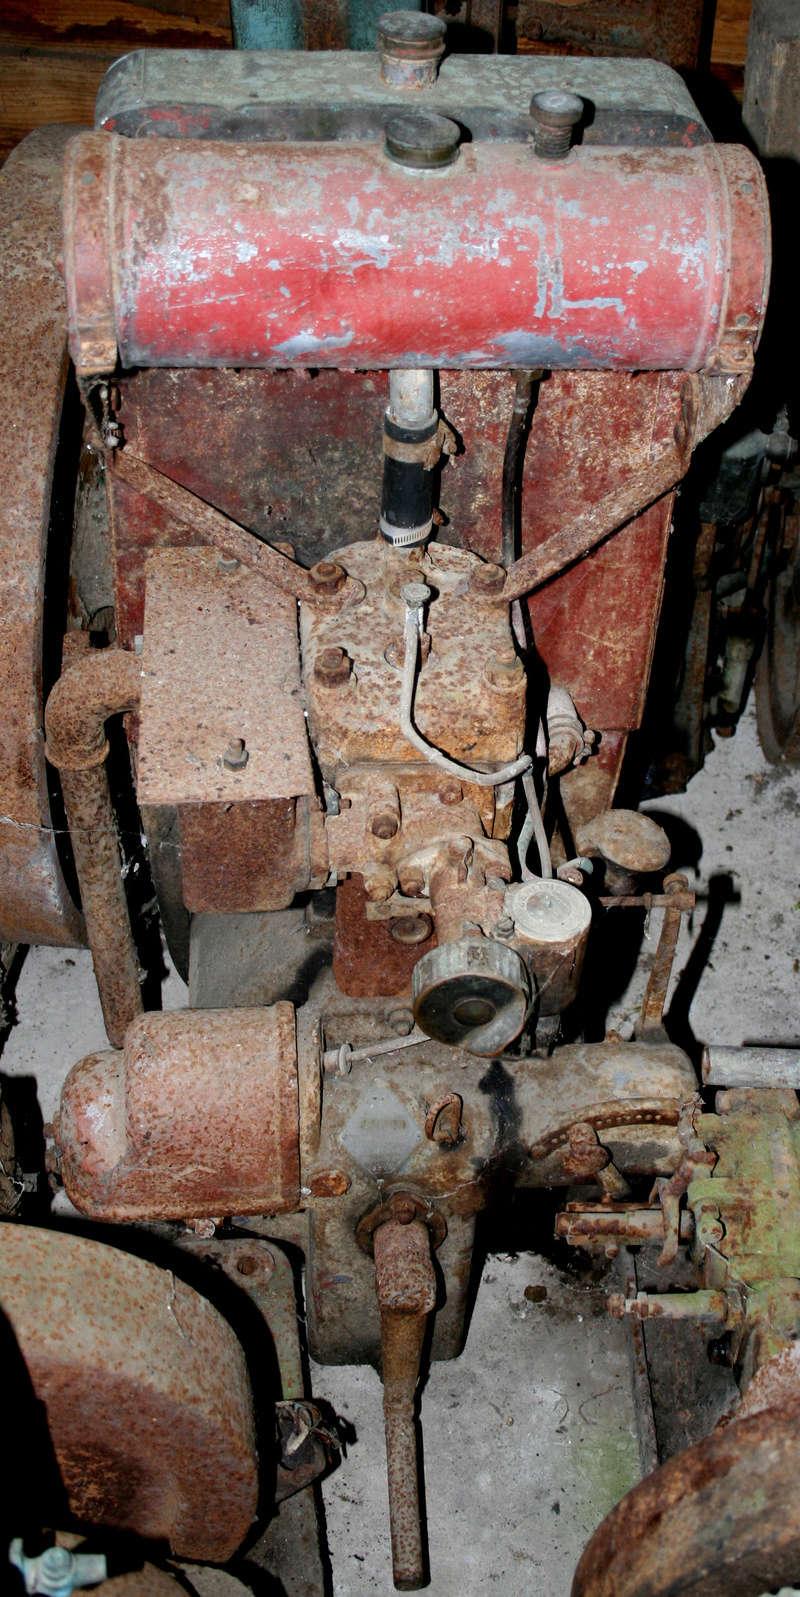 RENAULT - 1 moteur Renault chez Gil01 avec plein de questions Img_1510